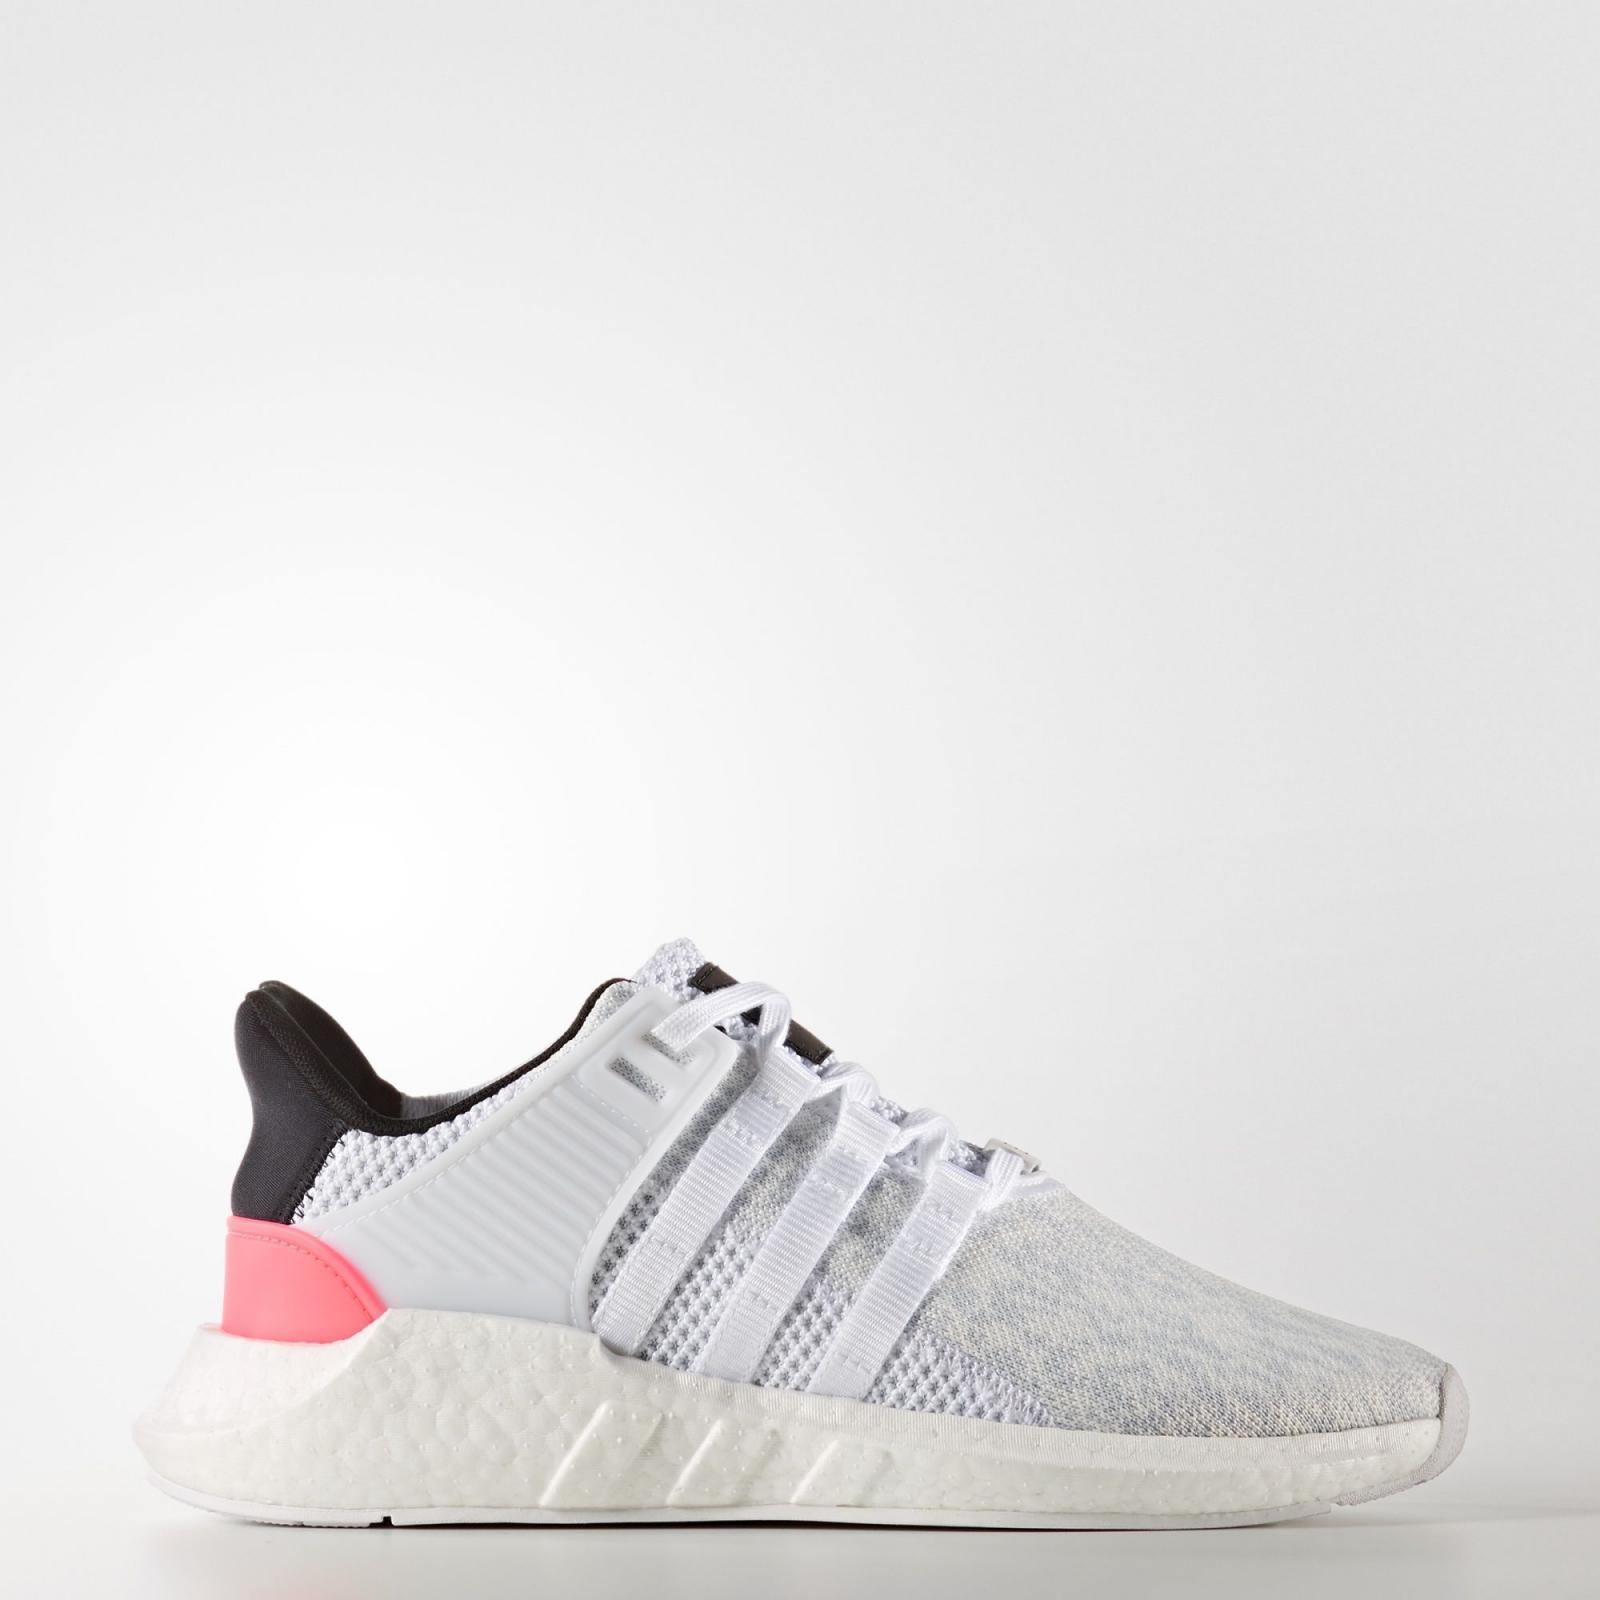 Adidas EQT Support 97/13